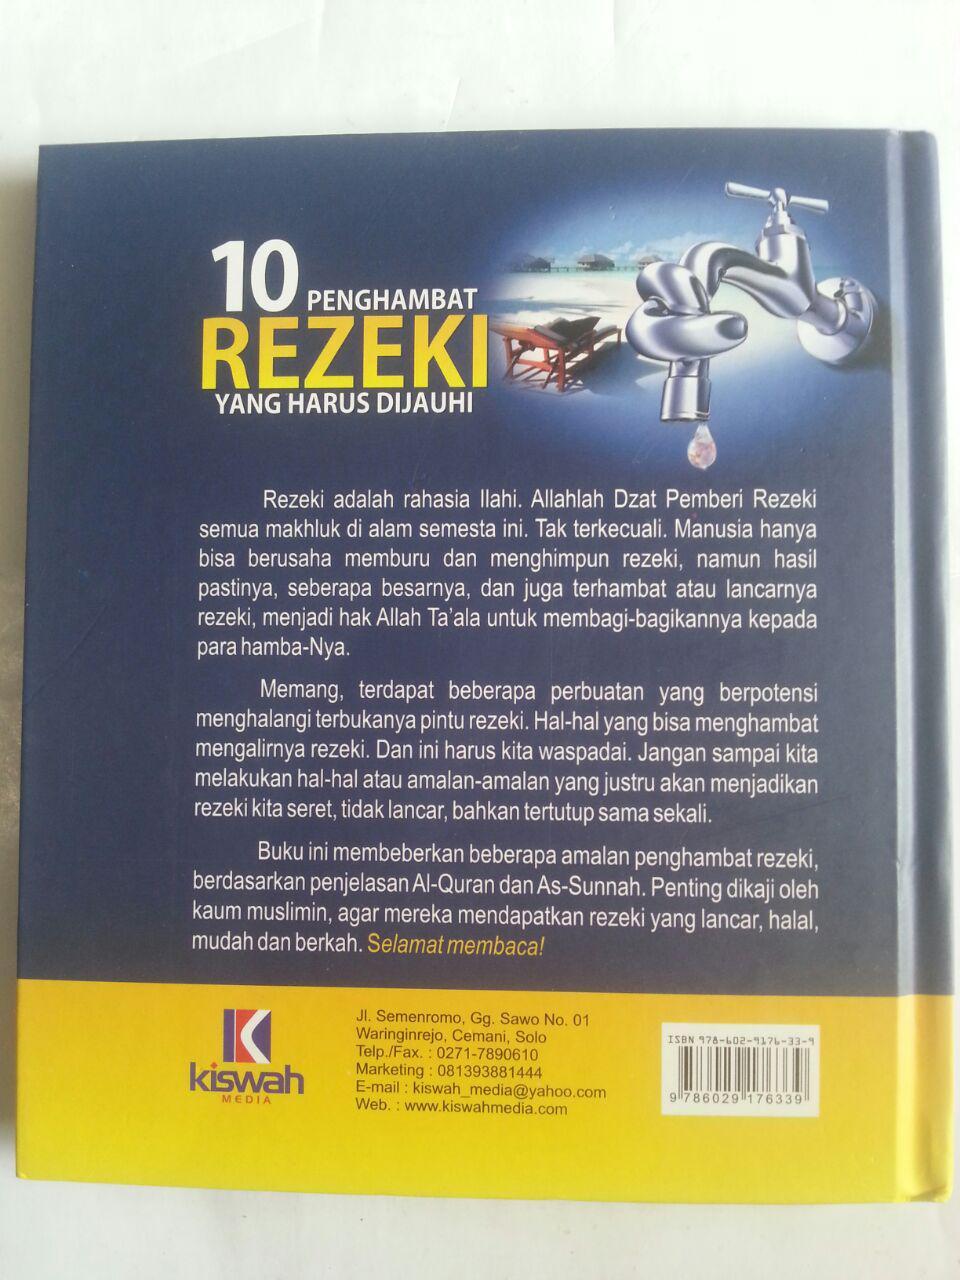 Buku 10 Penghambat Rezeki Yang Harus Dijauhi cover